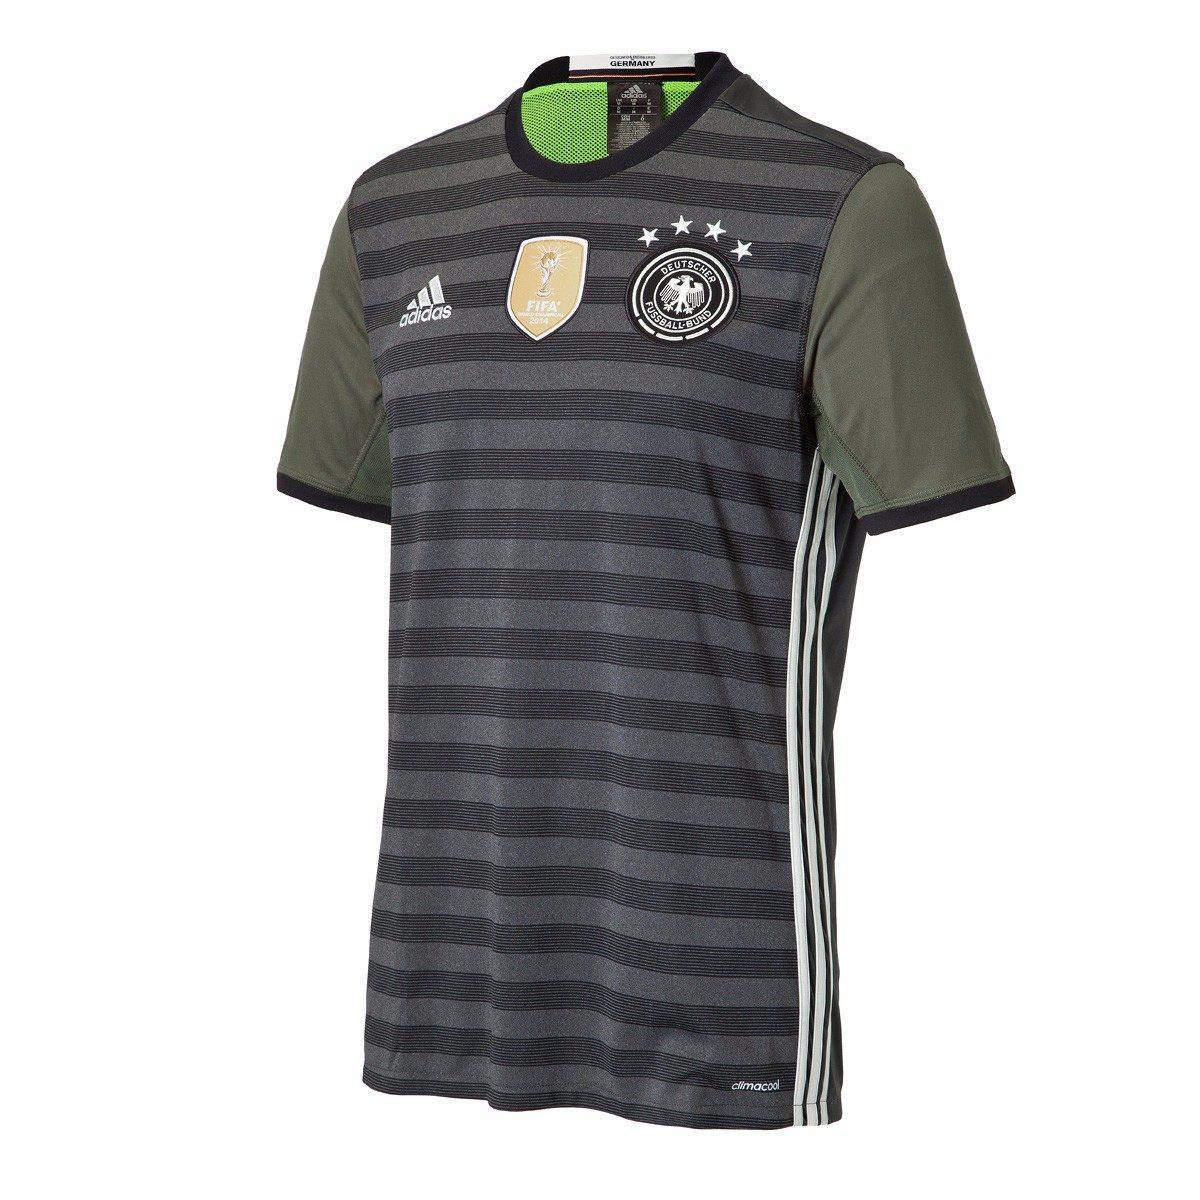 72dbd6c5e2 camisa da alemanha seleção alemã cinza copa nova todos model. Carregando  zoom.